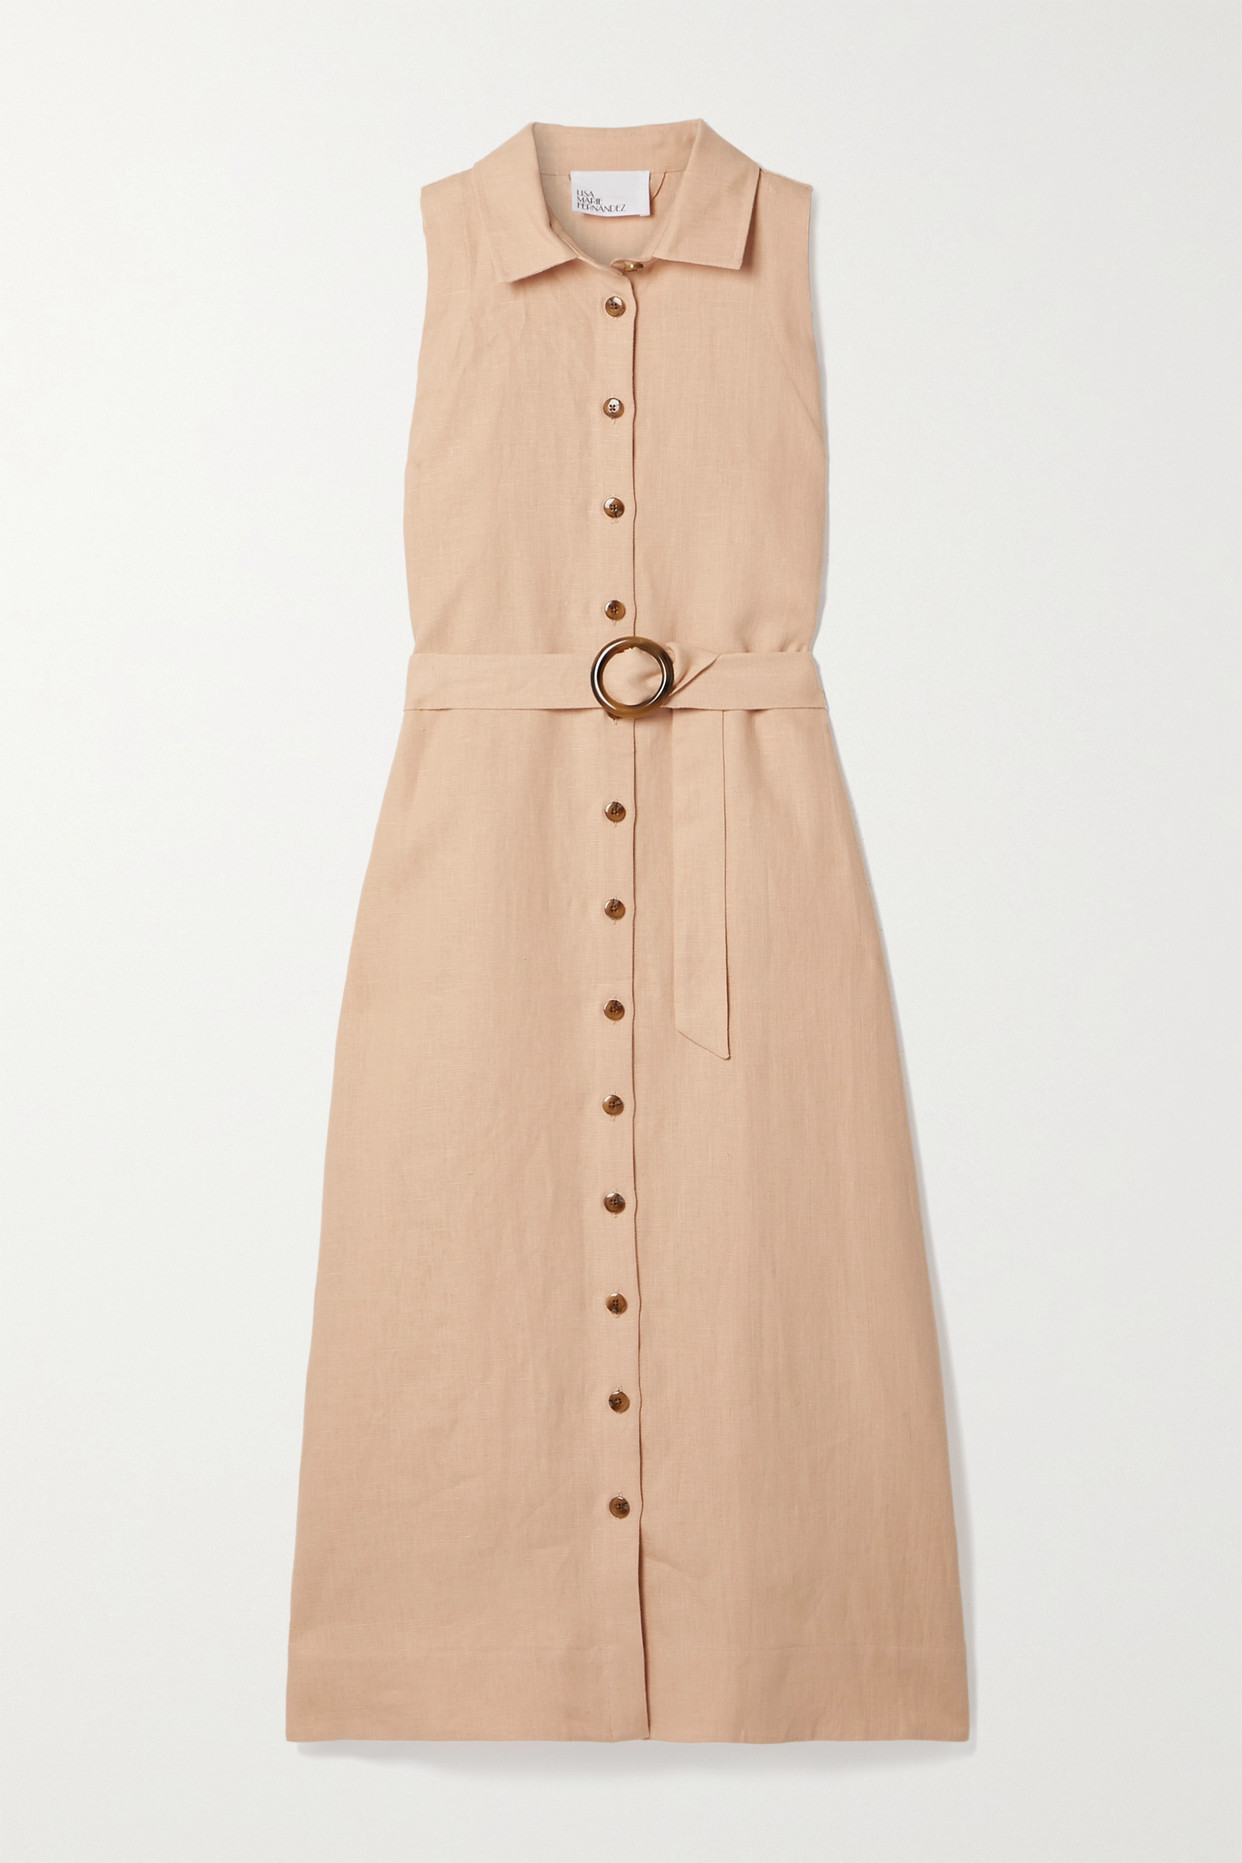 LISA MARIE FERNANDEZ - 【net Sustain】 Alison 亚麻中长连衣裙 - 粉红色 - 2